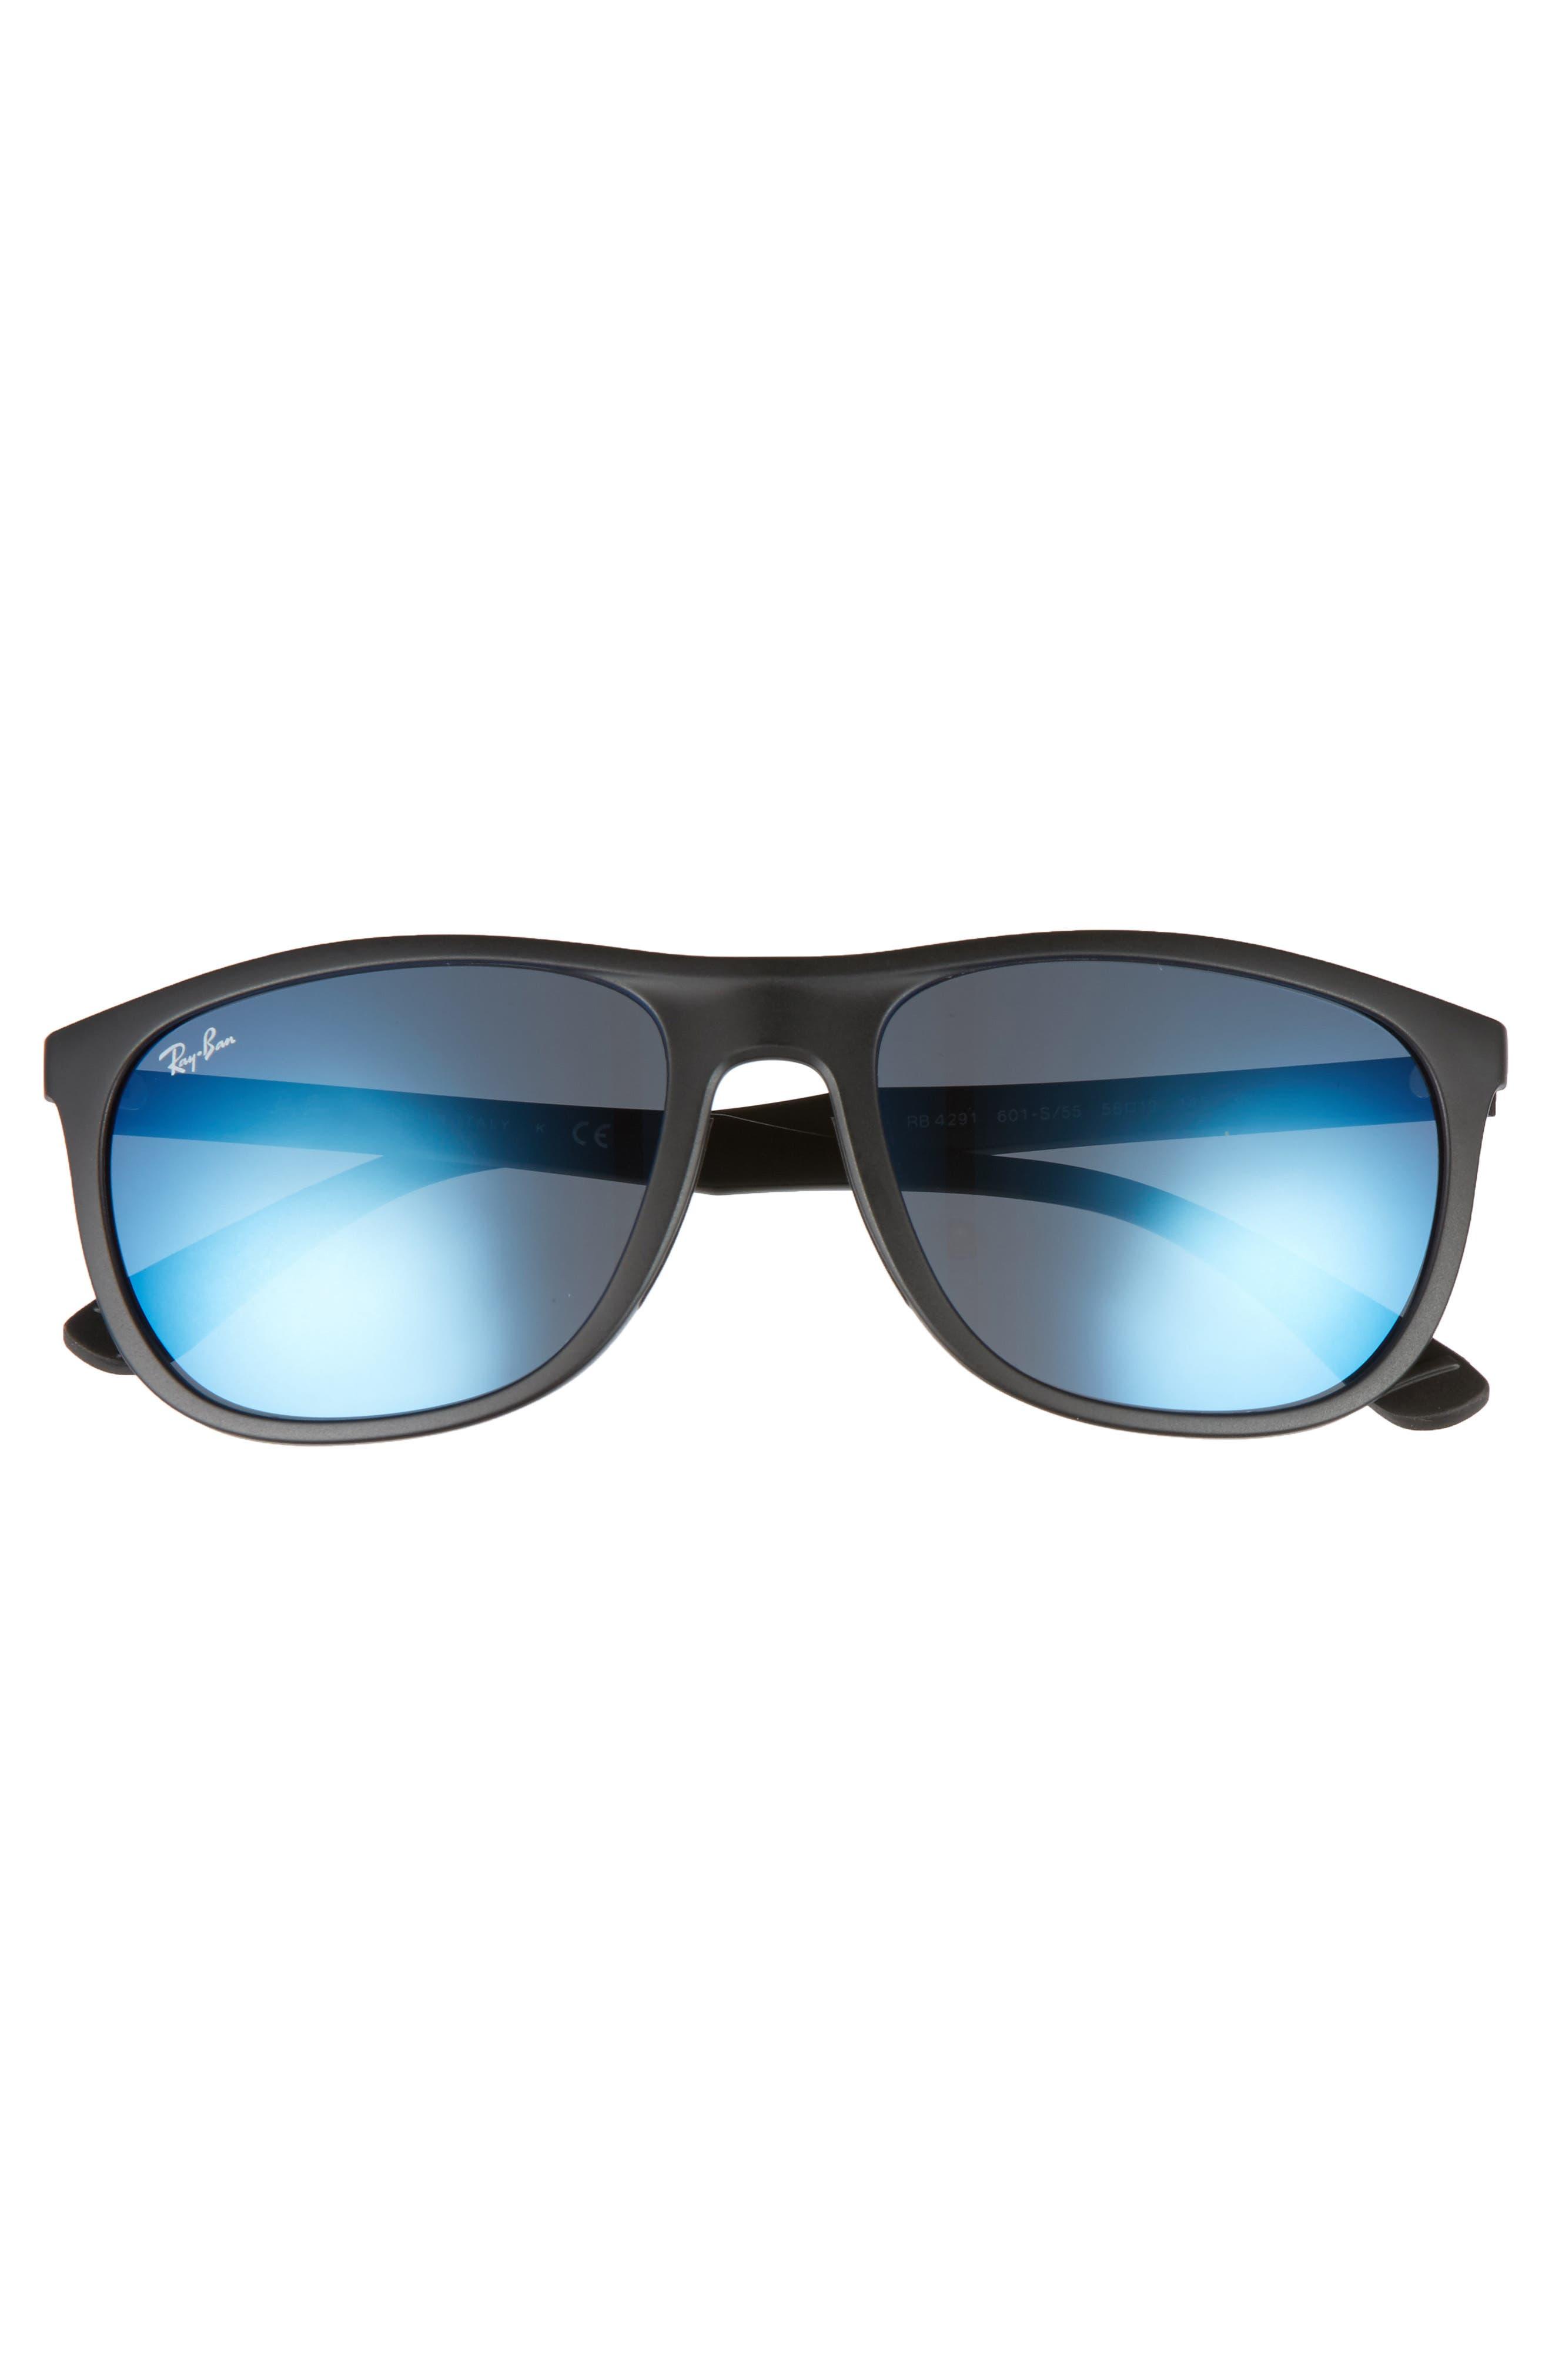 Active Lifestyle 58mm Sunglasses,                             Alternate thumbnail 2, color,                             Black/ Blue